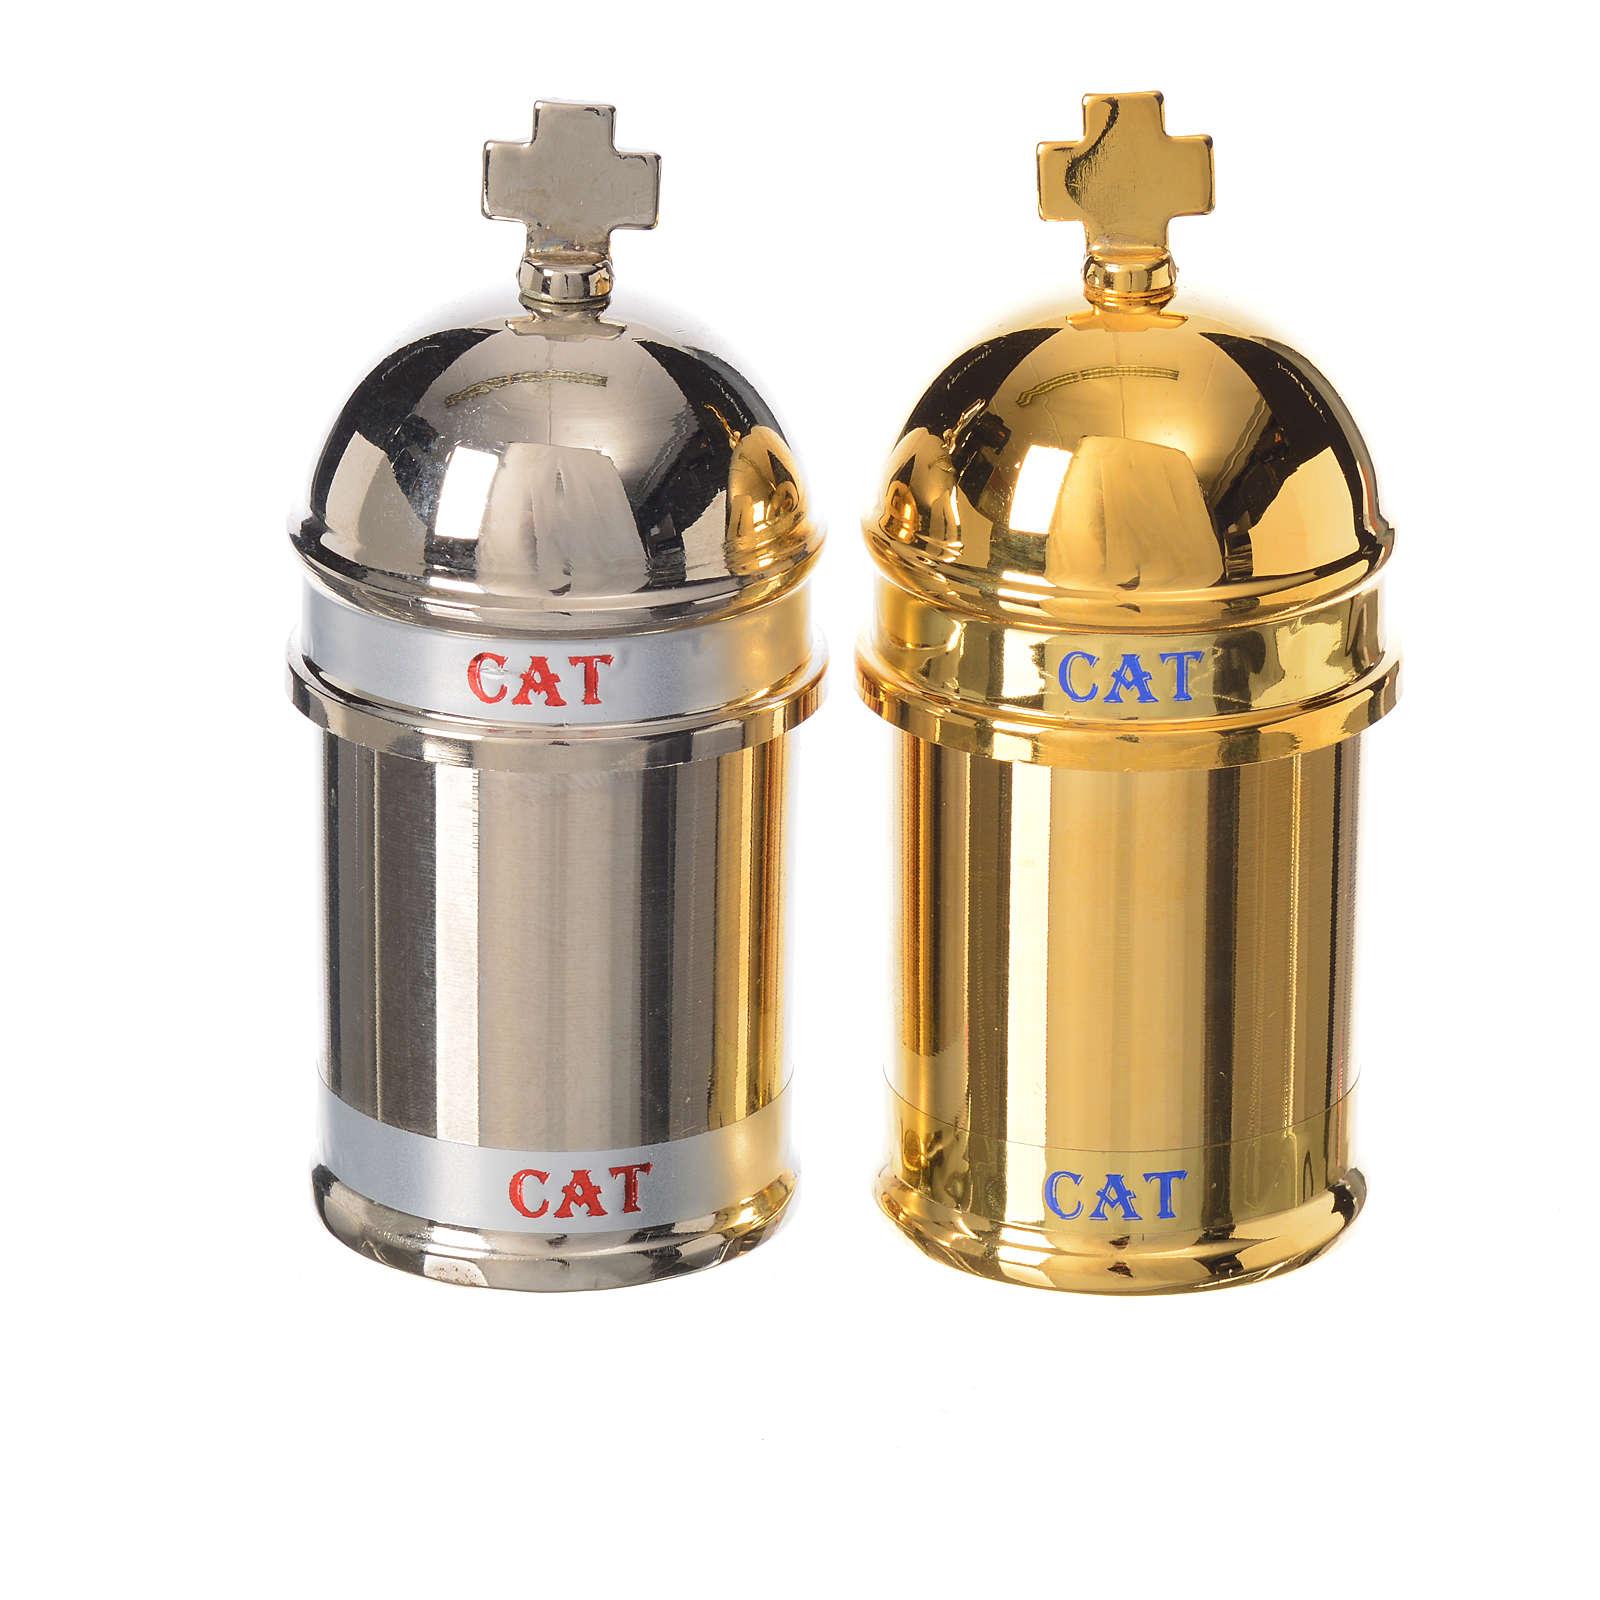 Ampoule huile catéchumène modèle Vintage 3